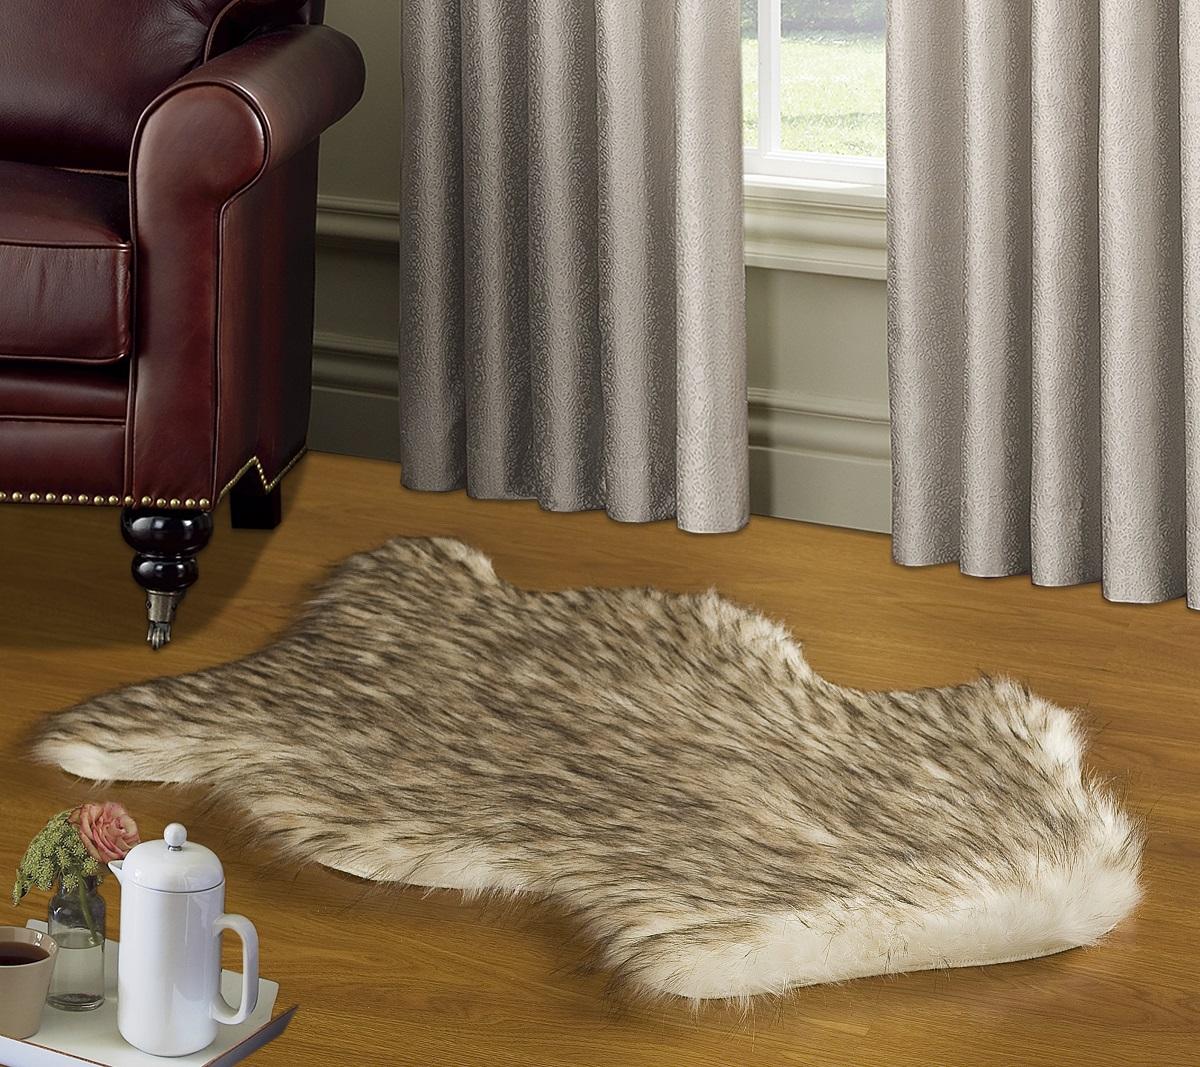 Коврик Modalin Manal, цвет: бежевый, 50 х 90 см17102019Коврик Modalin Manal выполнен из искусственного меха. Изделие долго прослужит в вашем доме, добавляя тепло и уют, а также внесет неповторимый колорит в интерьер.